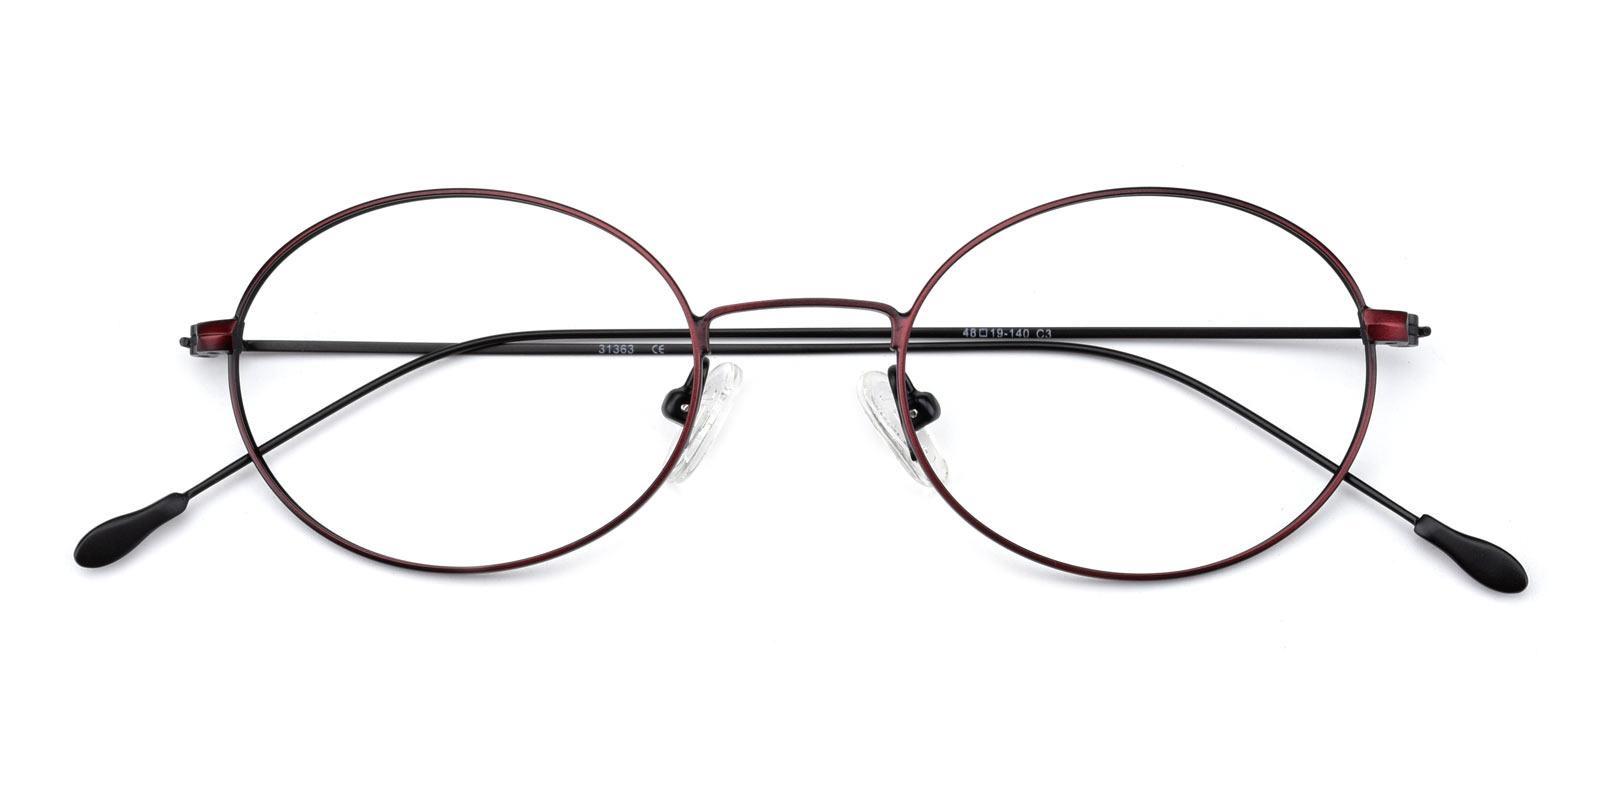 Bertha-Red-Oval-Metal-Eyeglasses-detail